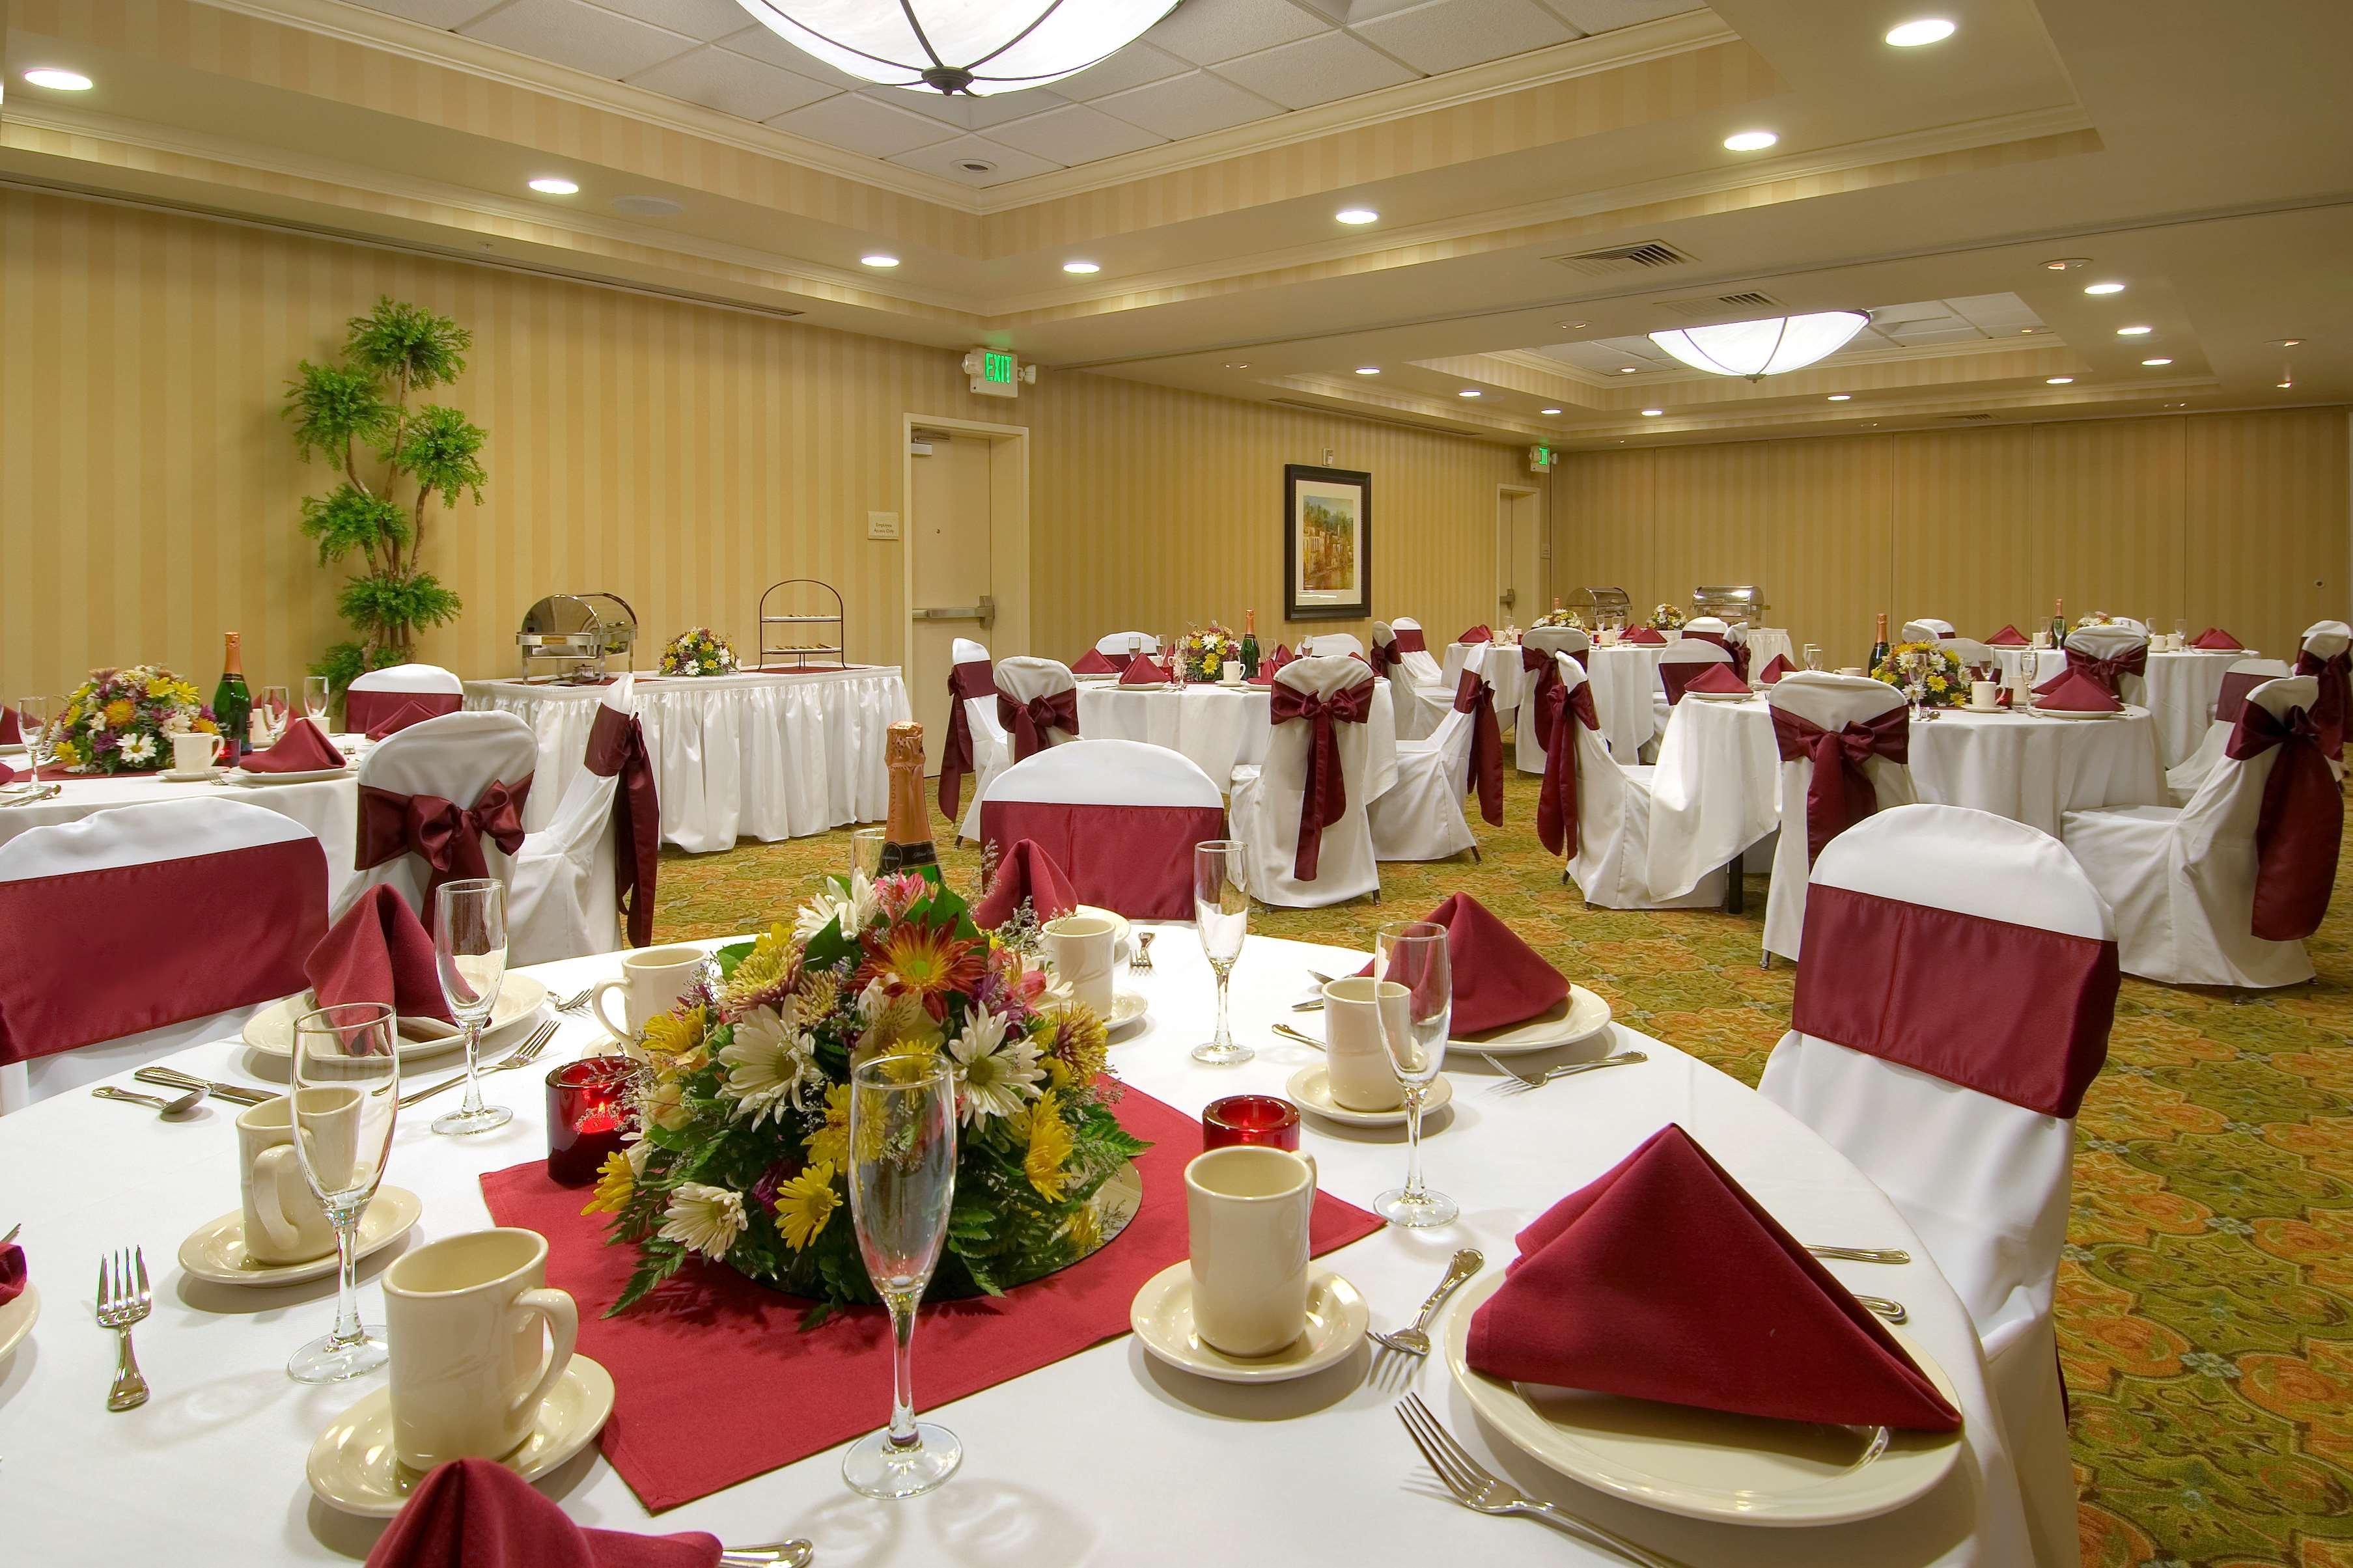 Hilton Garden Inn Sacramento Elk Grove image 34